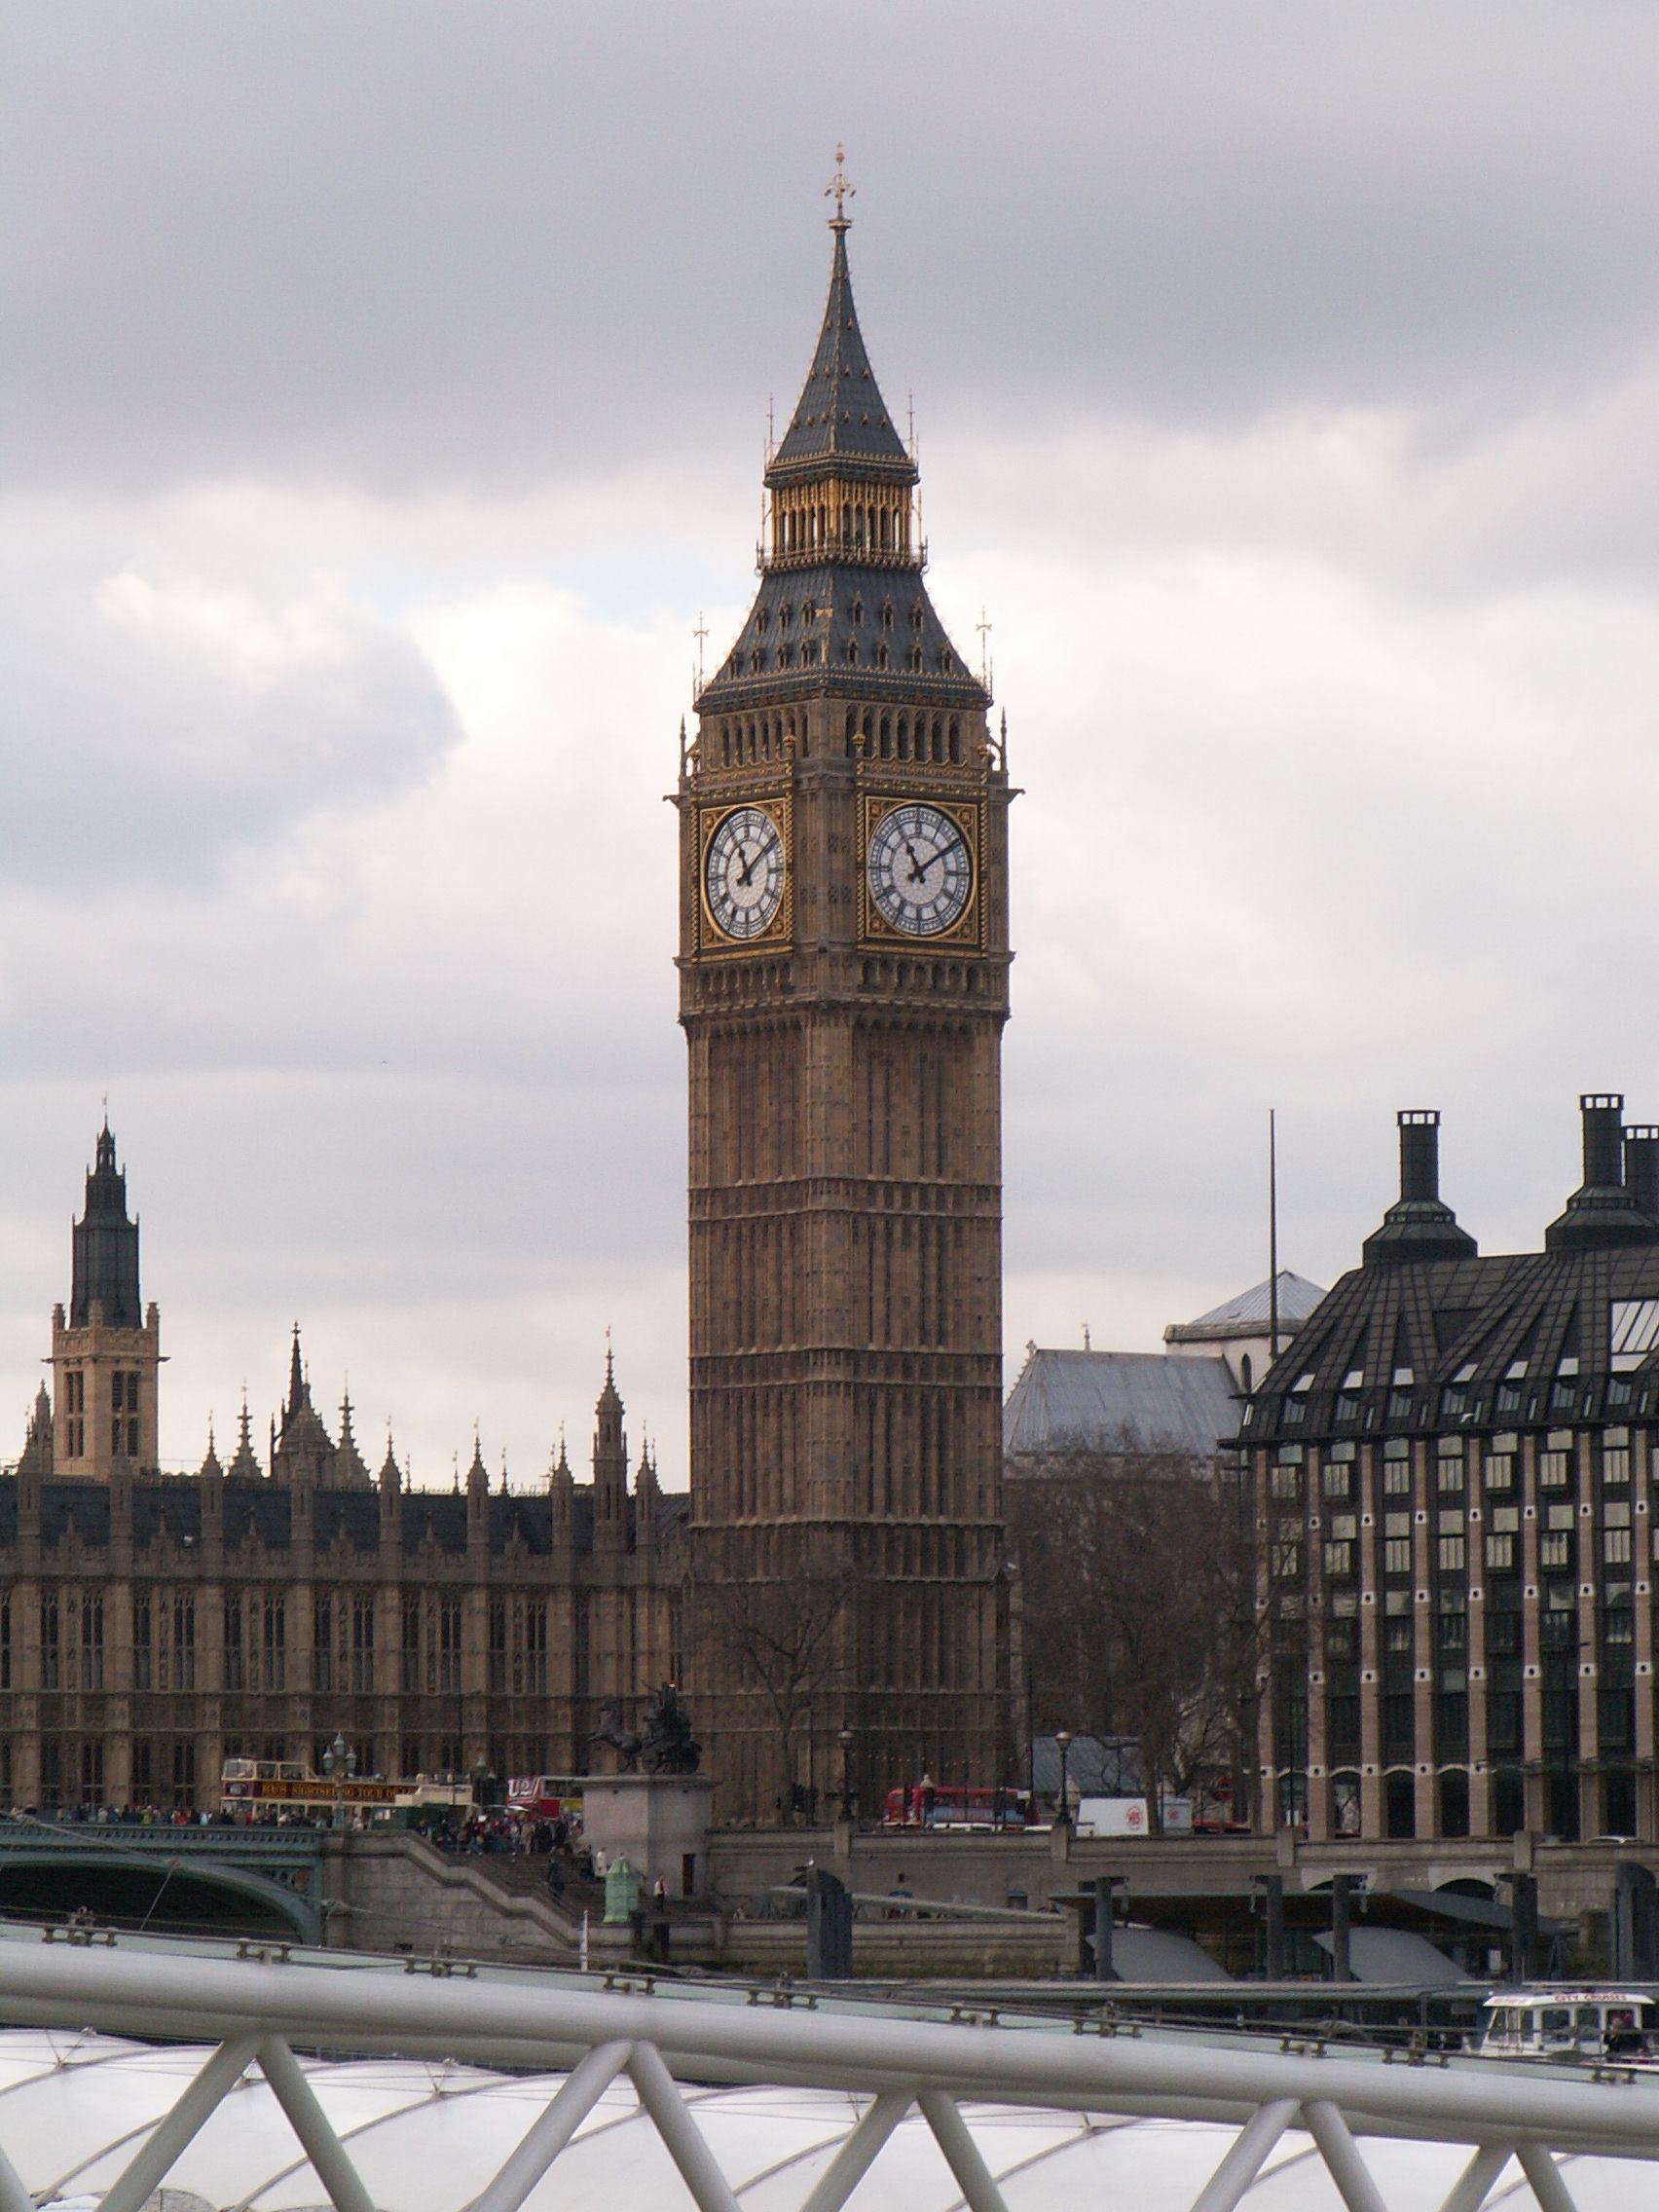 Udělování licencí pro reaktory EPR a AP-1000 ve Velké Británii naráží na problémy